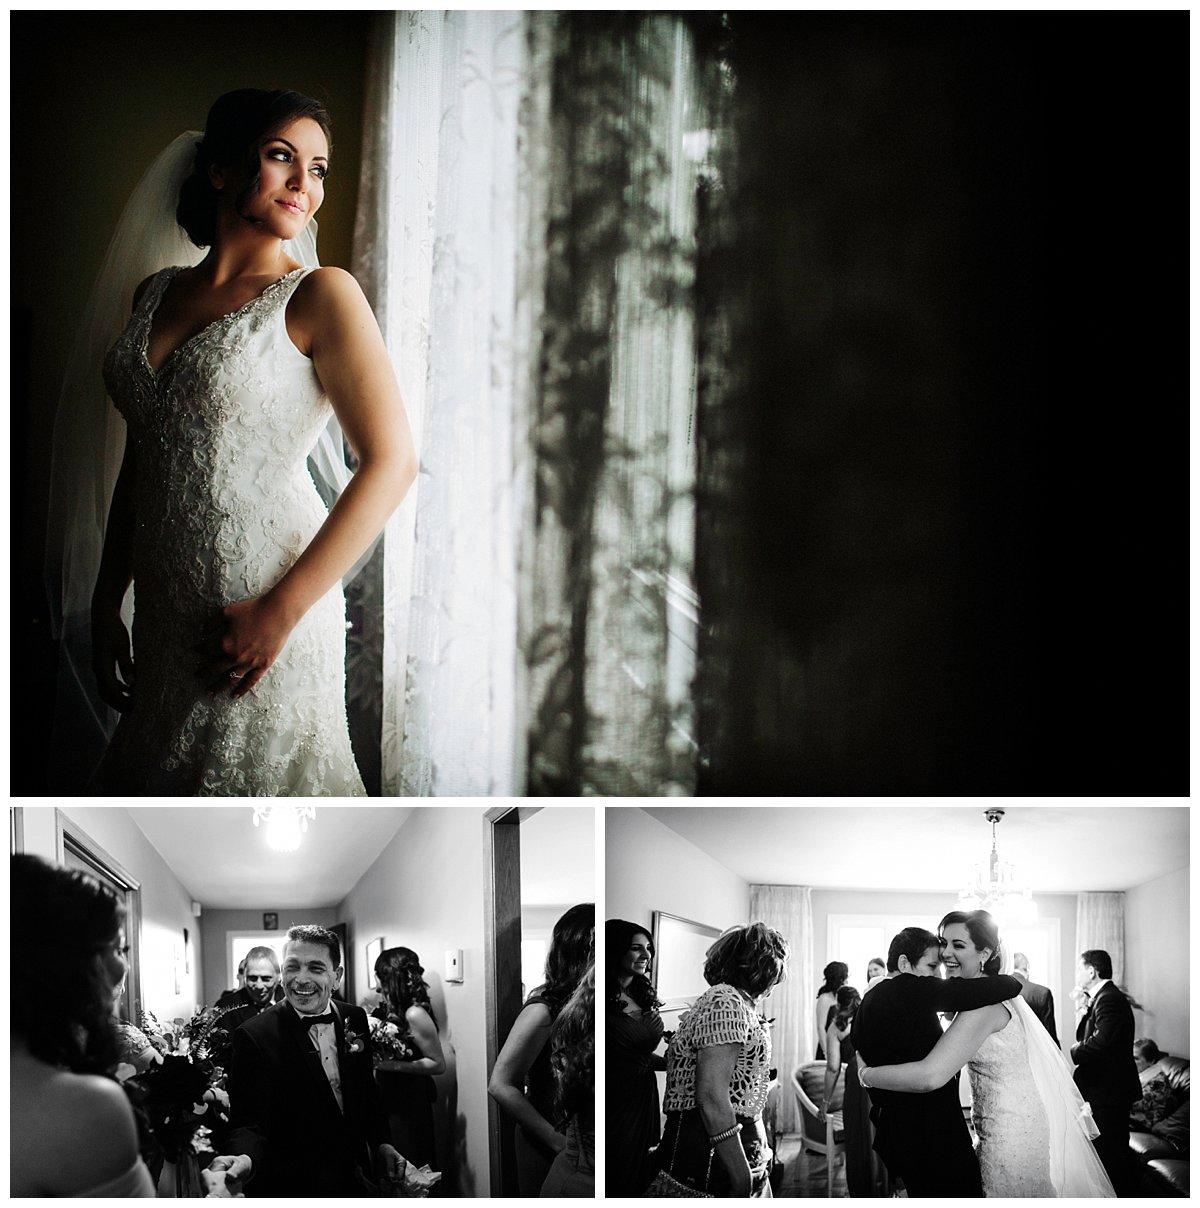 candid wedding photographers montreal